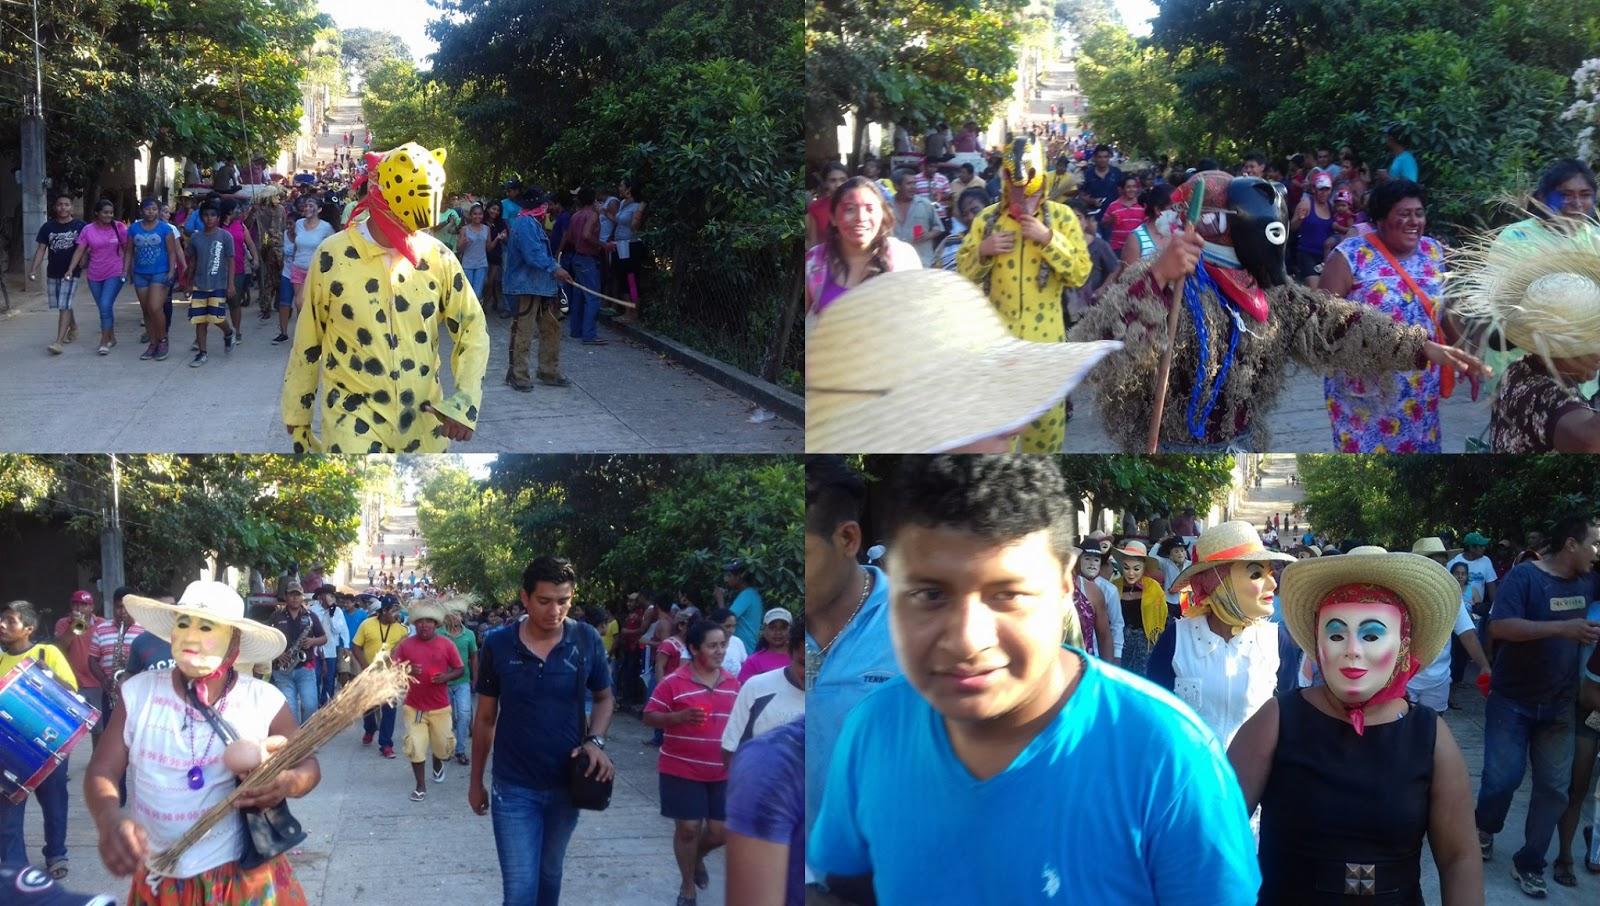 El jardin de la republica carnaval en cacahuatepec oaxaca for Al jardin de la republica